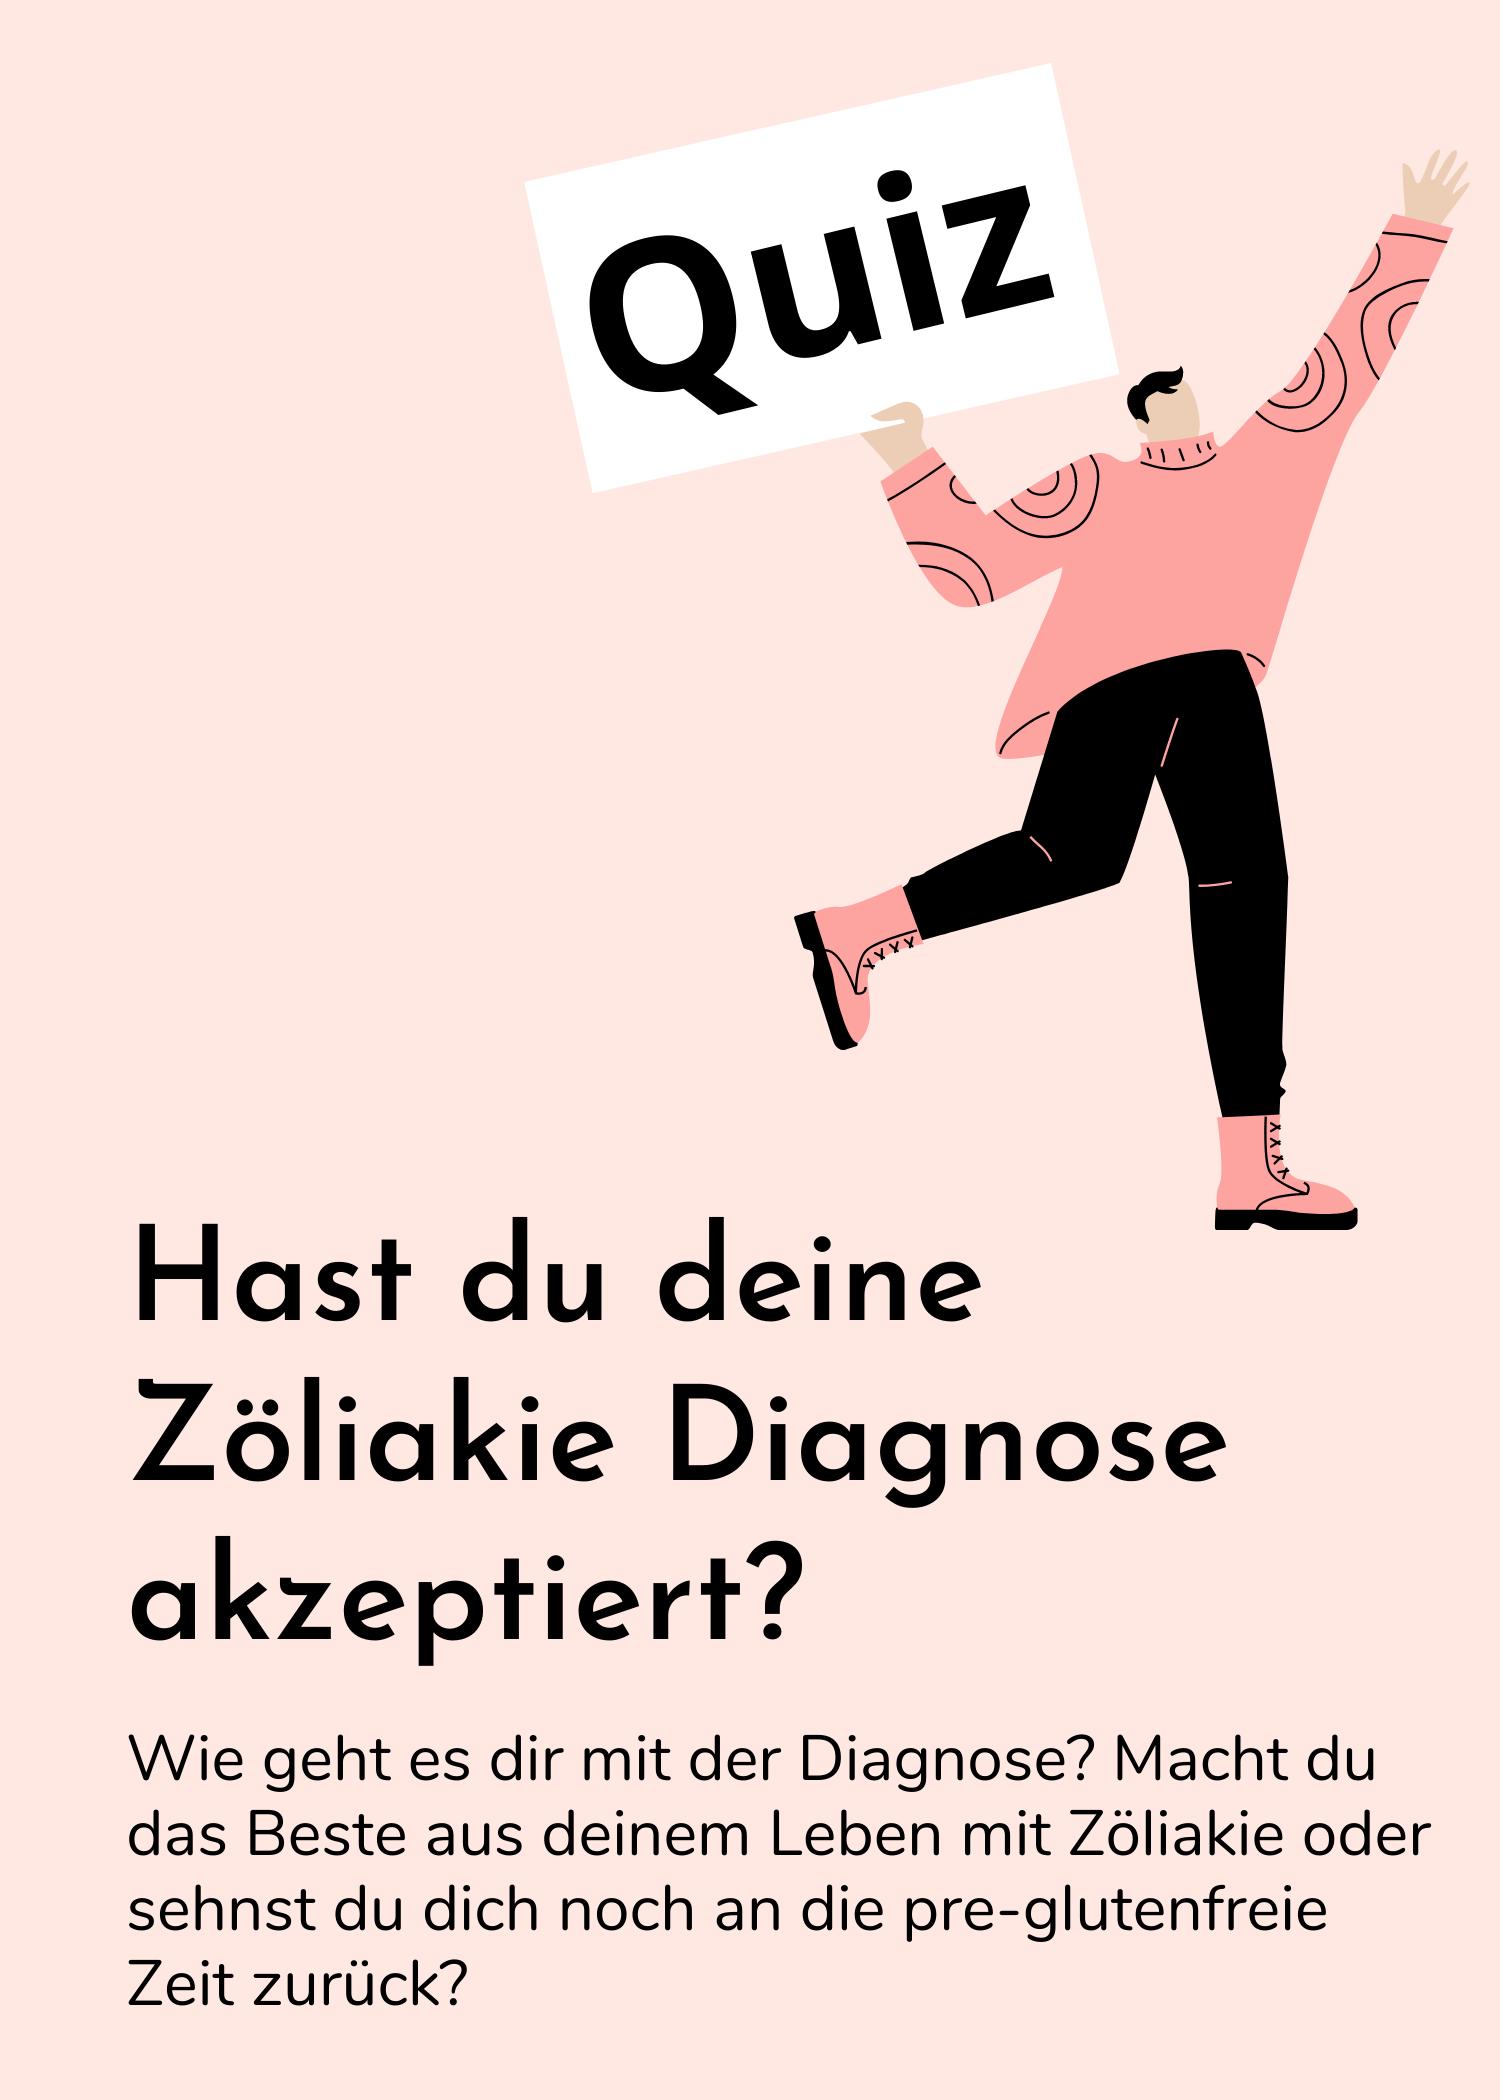 QUIZ – Hast du deine Zöliakie Diagnose schon akzeptiert? Mach den Test!